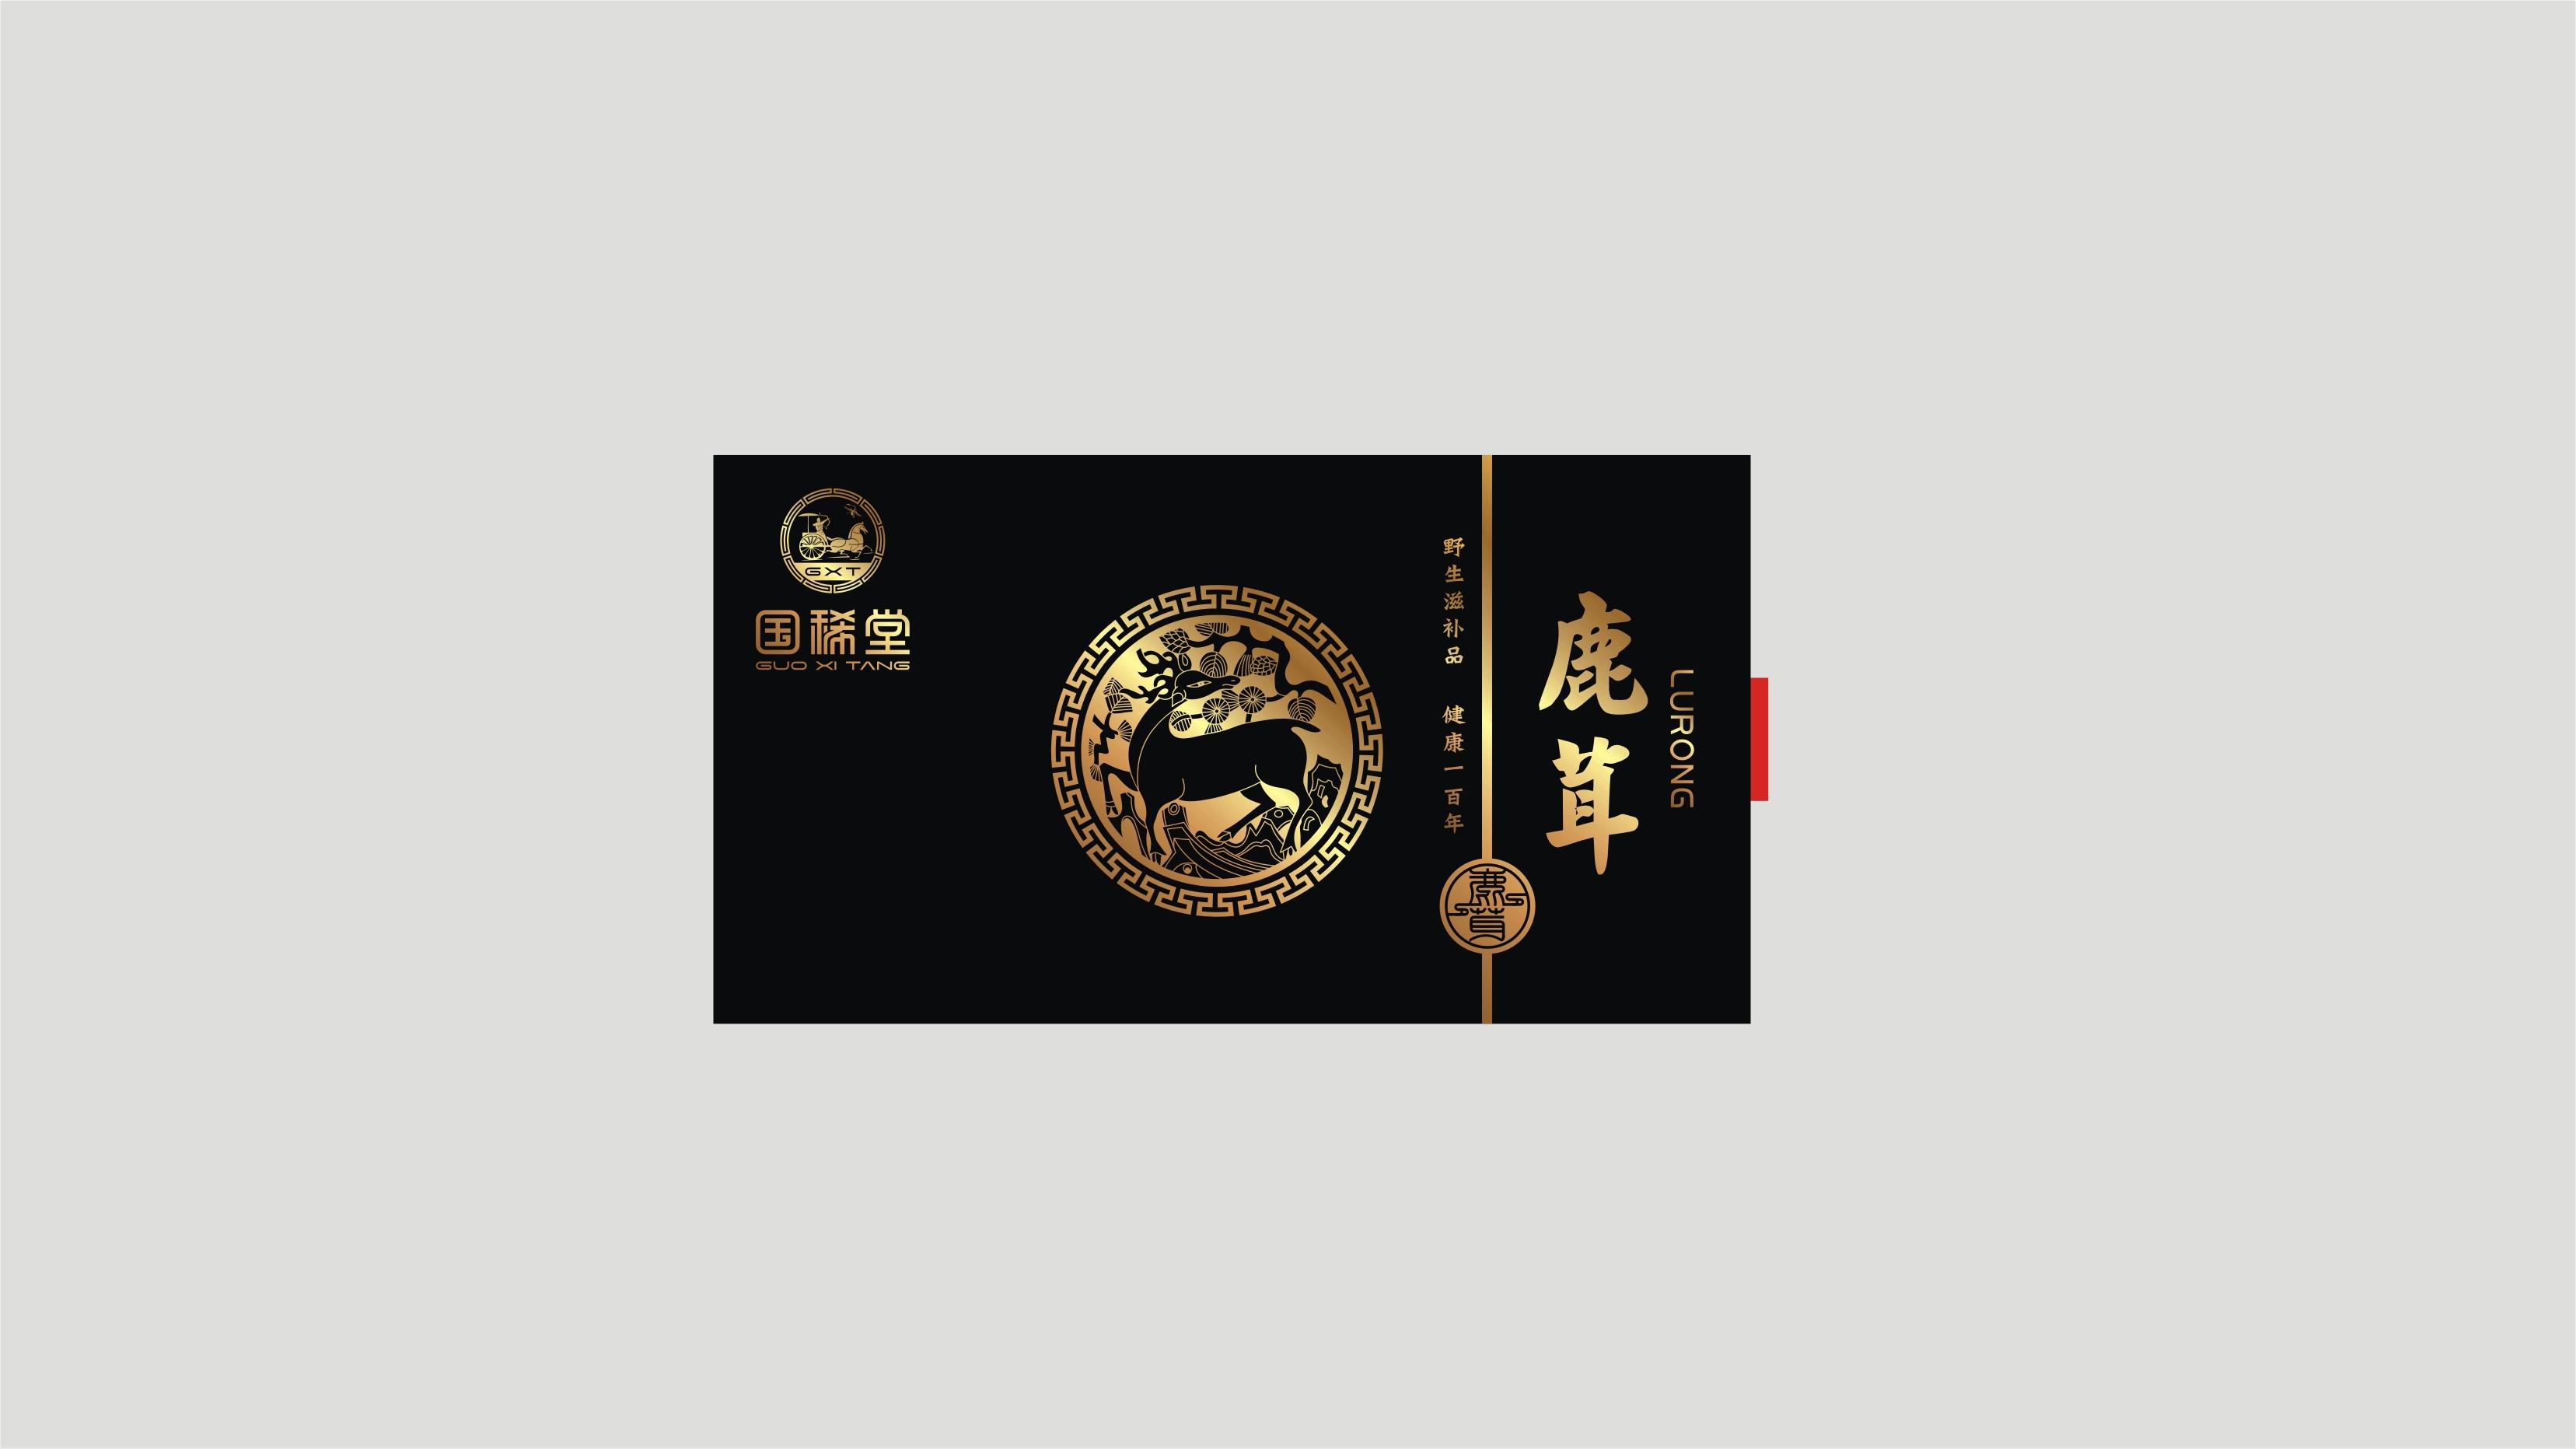 国稀堂鹿茸盒(包装)